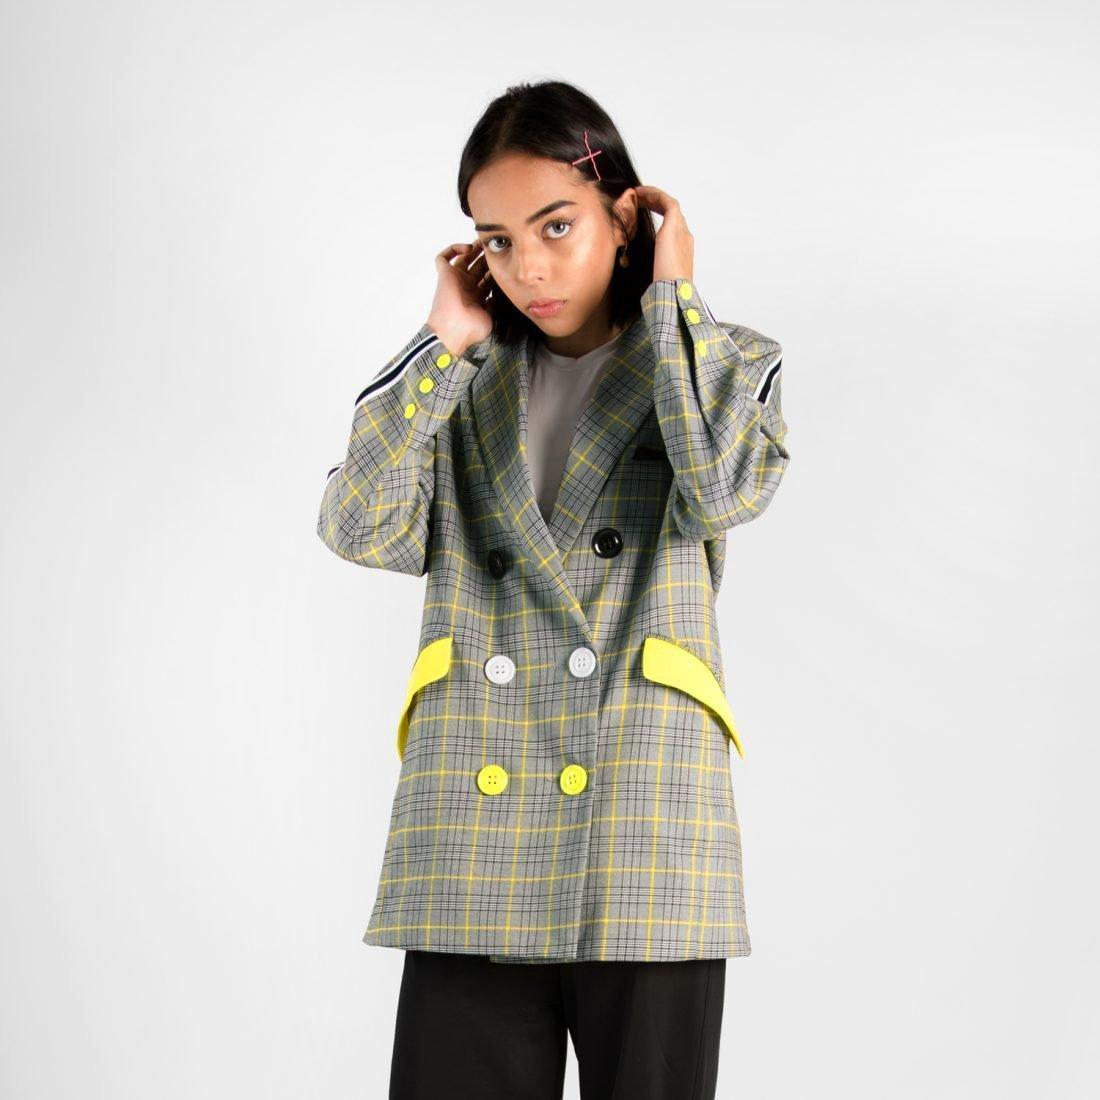 W_jacket-1100×1100.-1100×1100